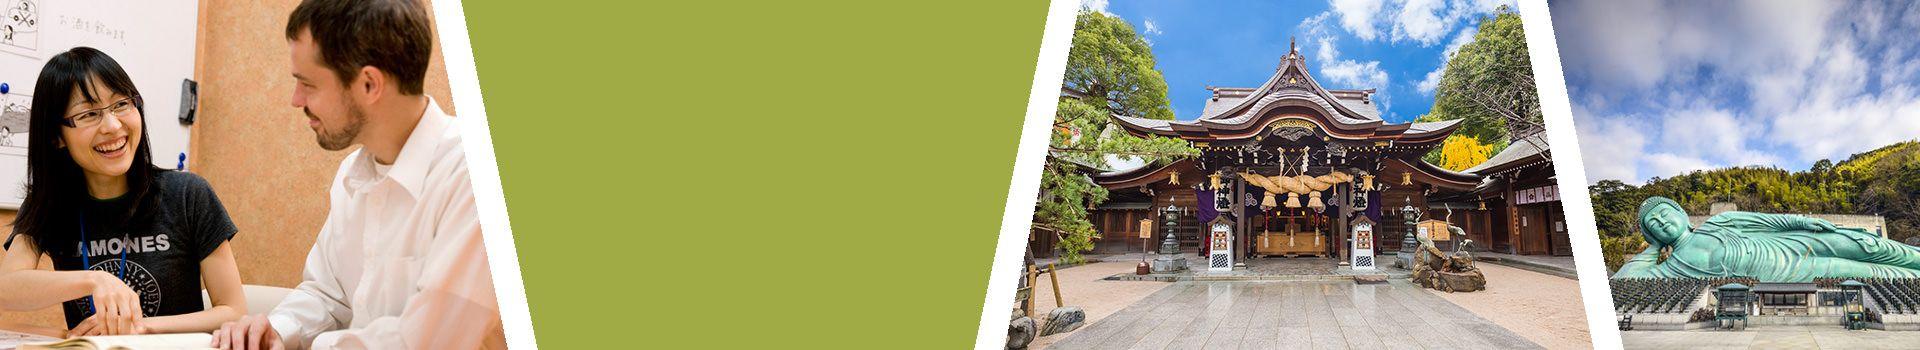 Sprachreise nach Fukuoka für Erwachsene in Japan Slider